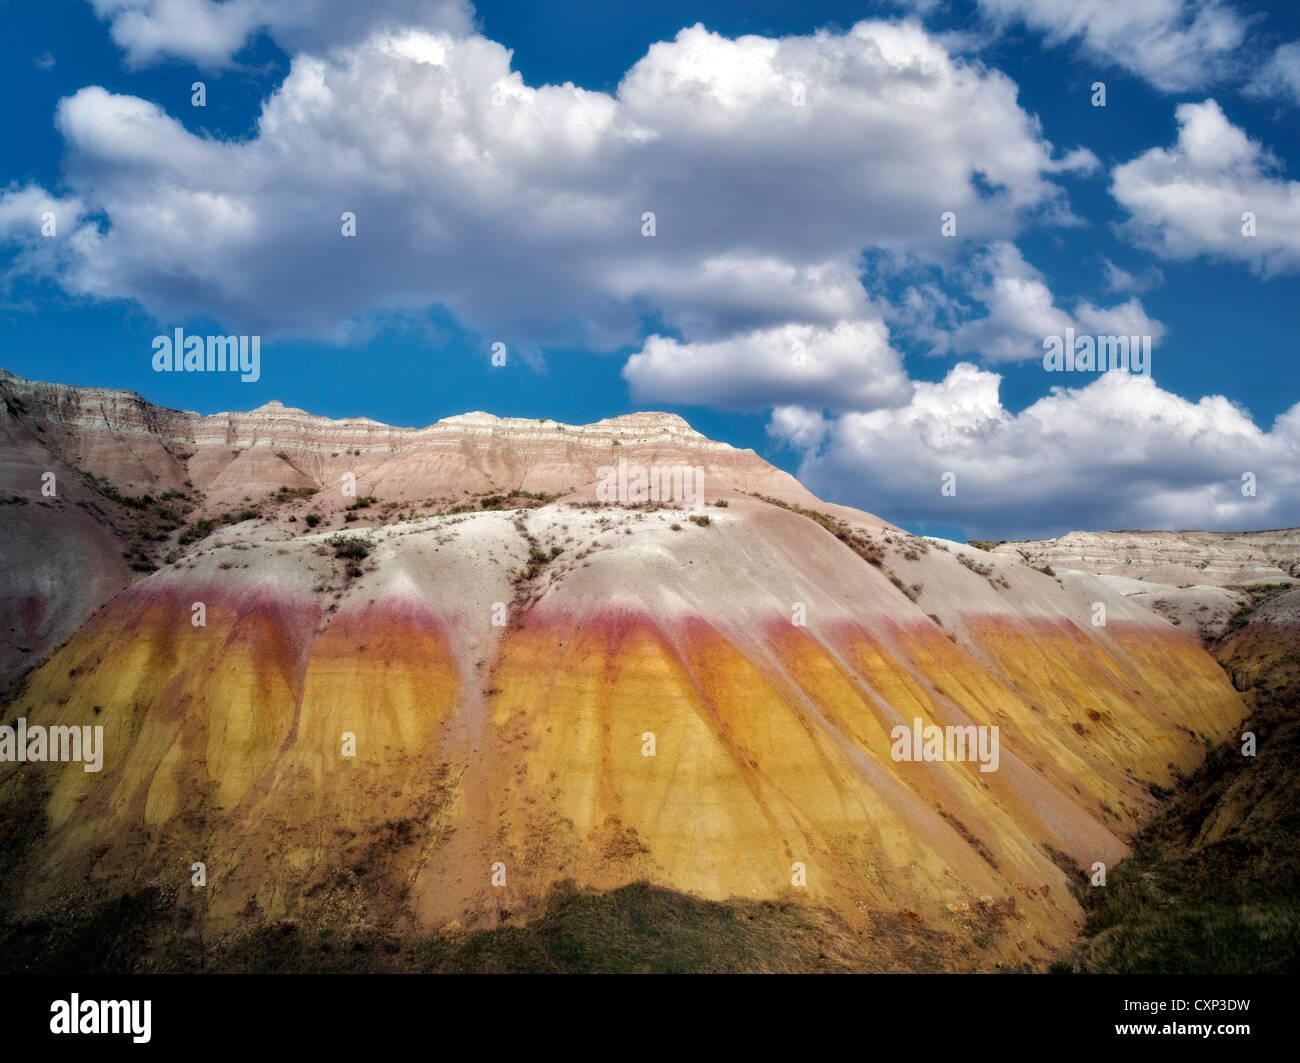 Amarillo montículos con nubes. El Parque Nacional Badlands, Dakota del Sur. Imagen De Stock